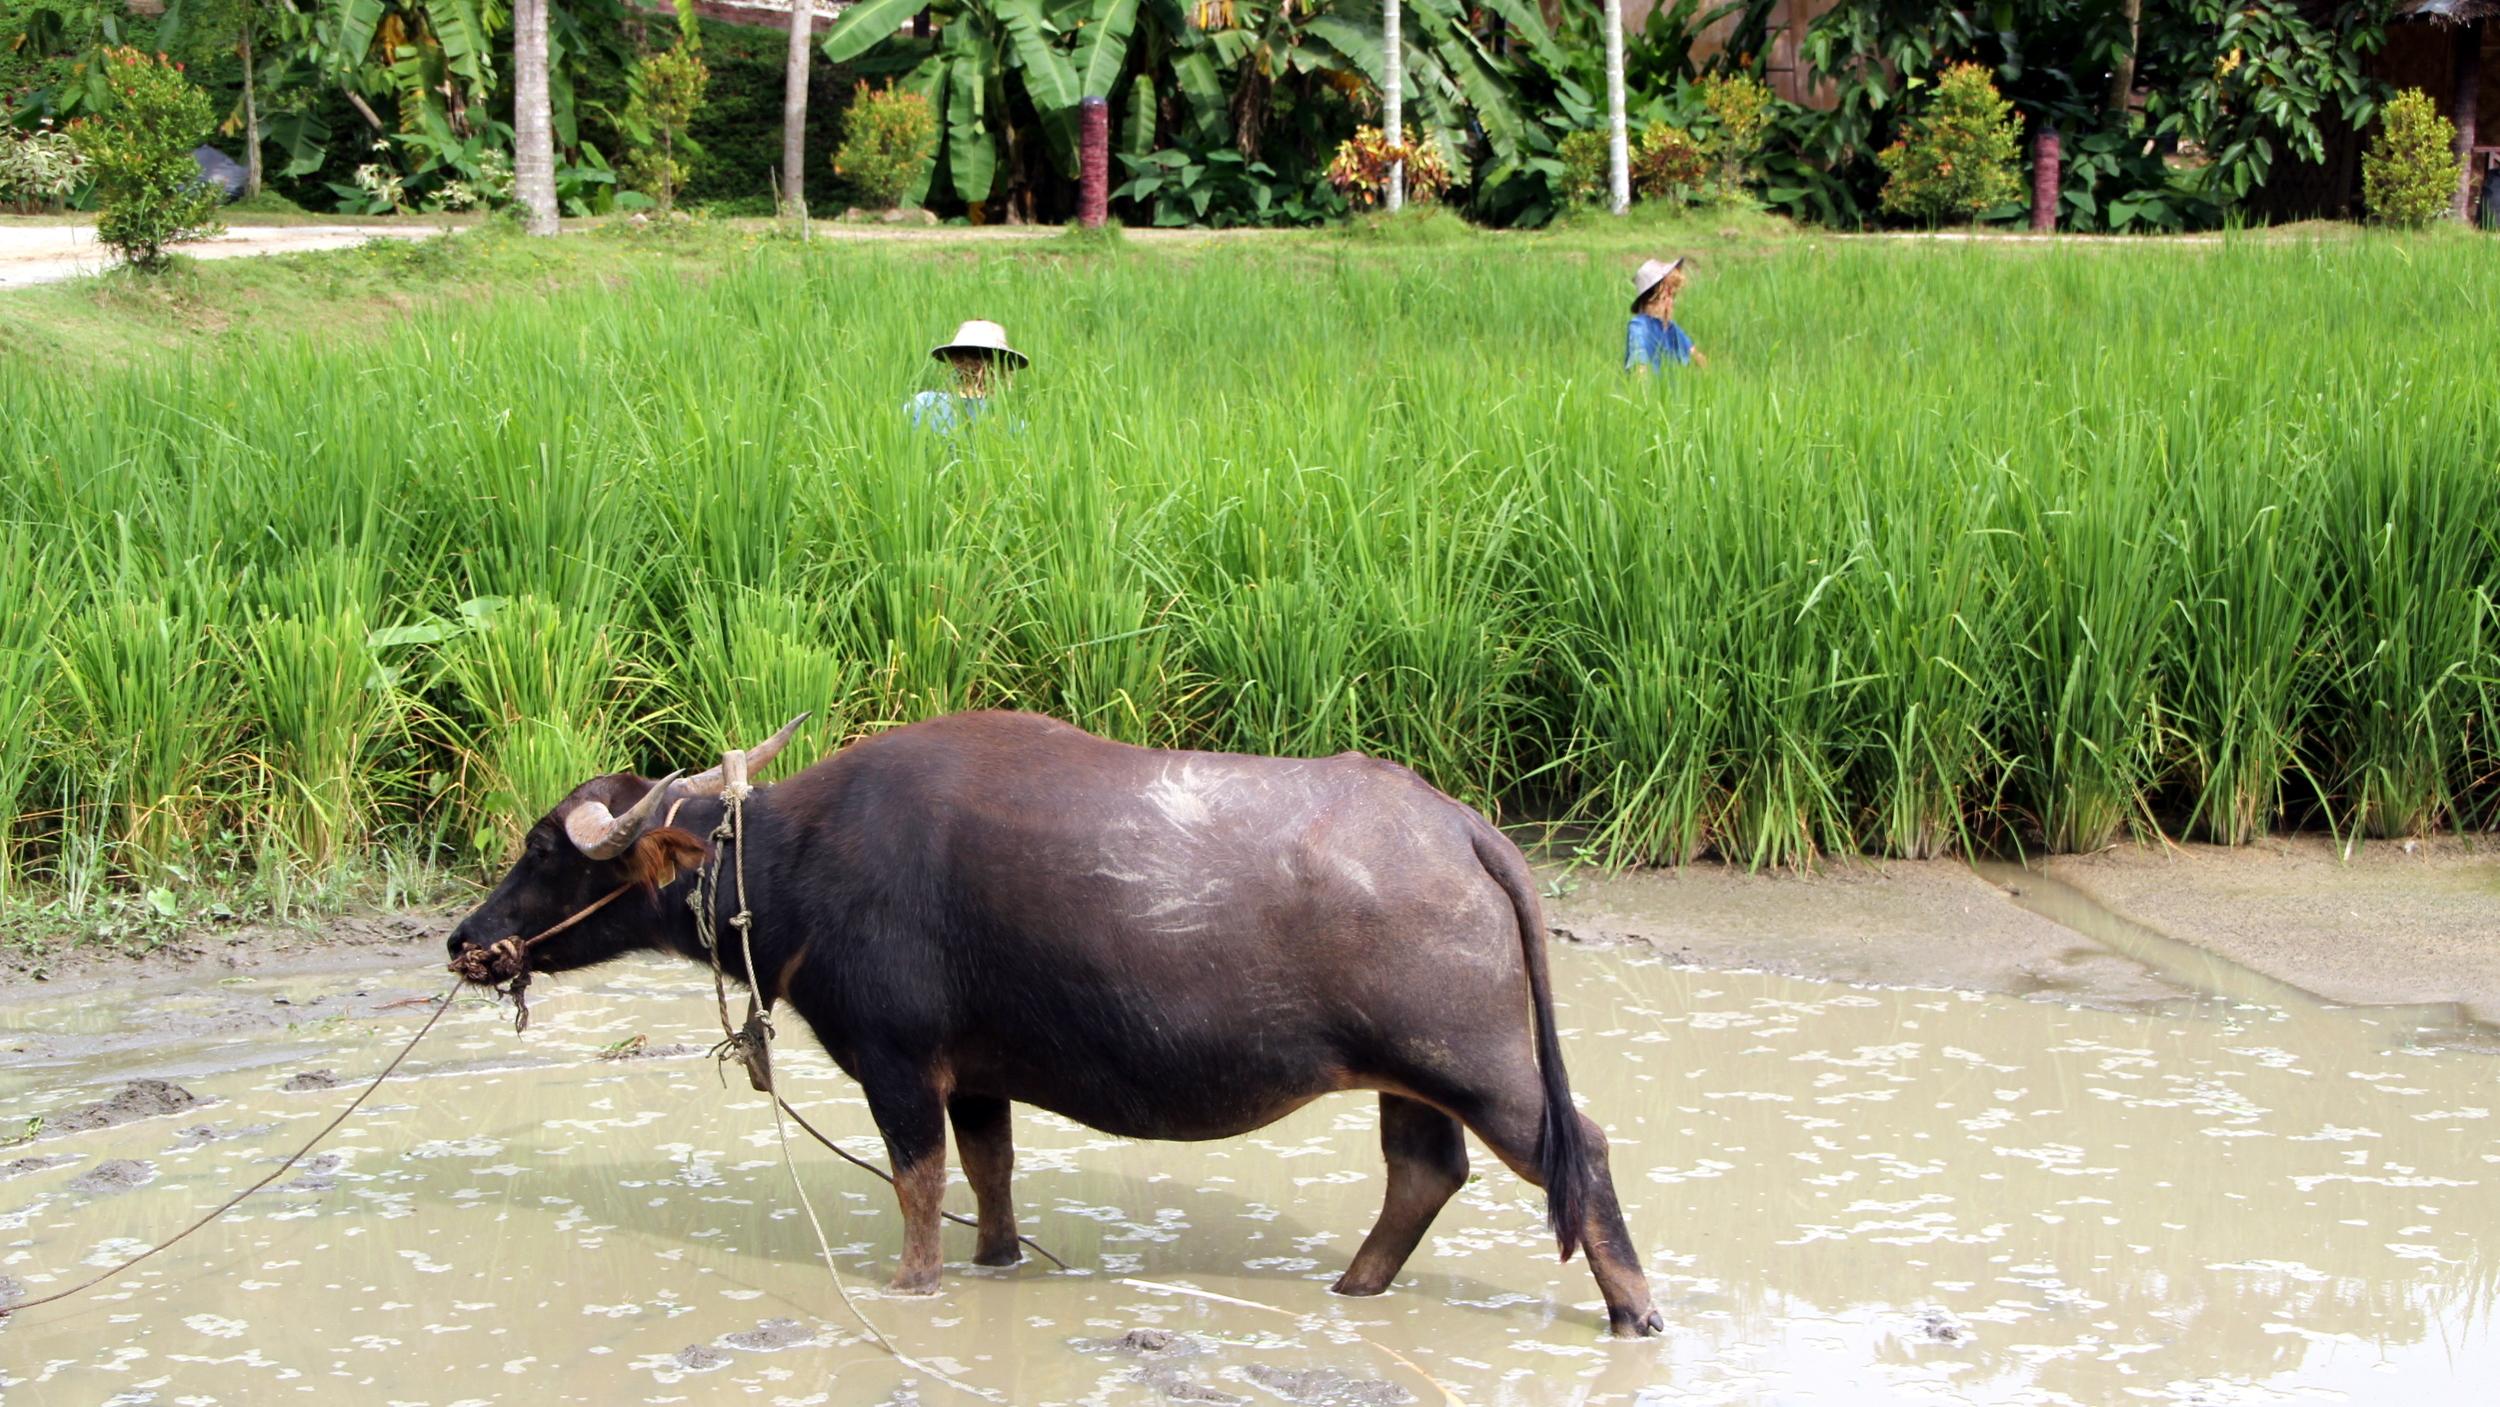 Water Buffalo in Paddy Field